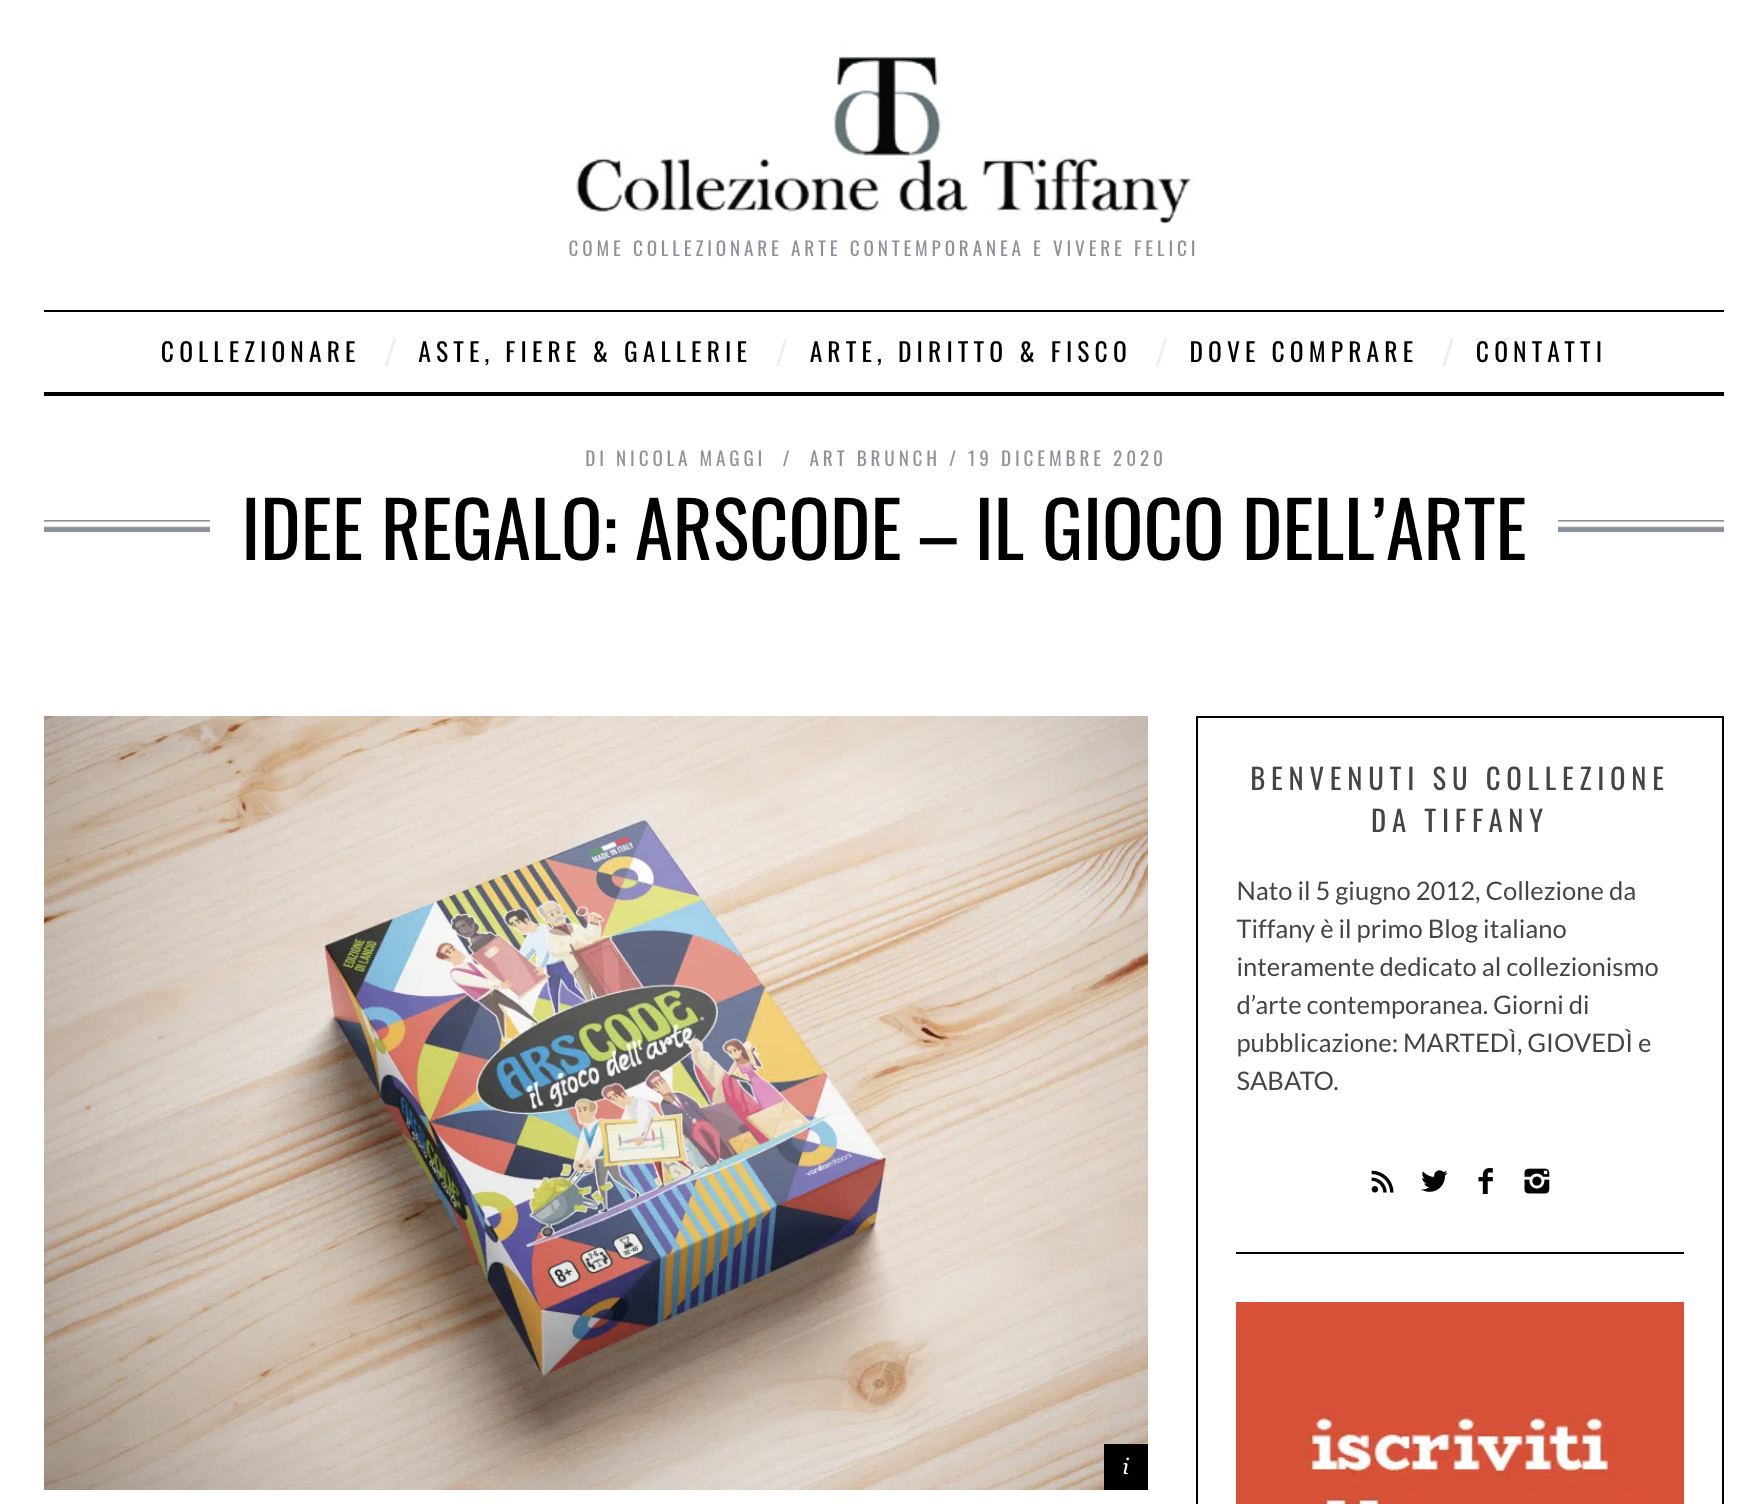 IDEE REGALO: ARSCODE – IL GIOCO DELL'ARTE | Colazione da Tiffany